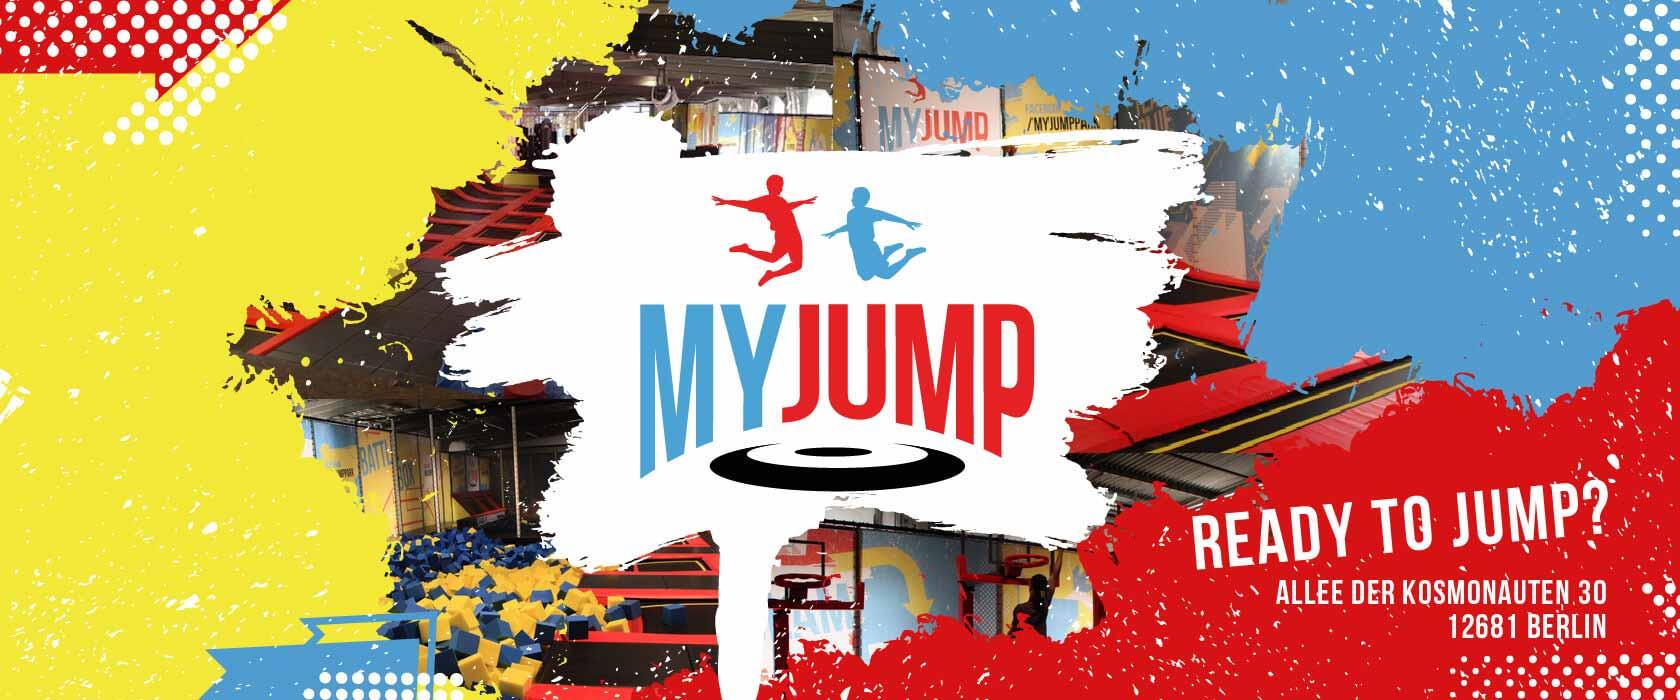 MYJUMP - der Trampolinpark Berlin - JUMP - Trampolinhalle